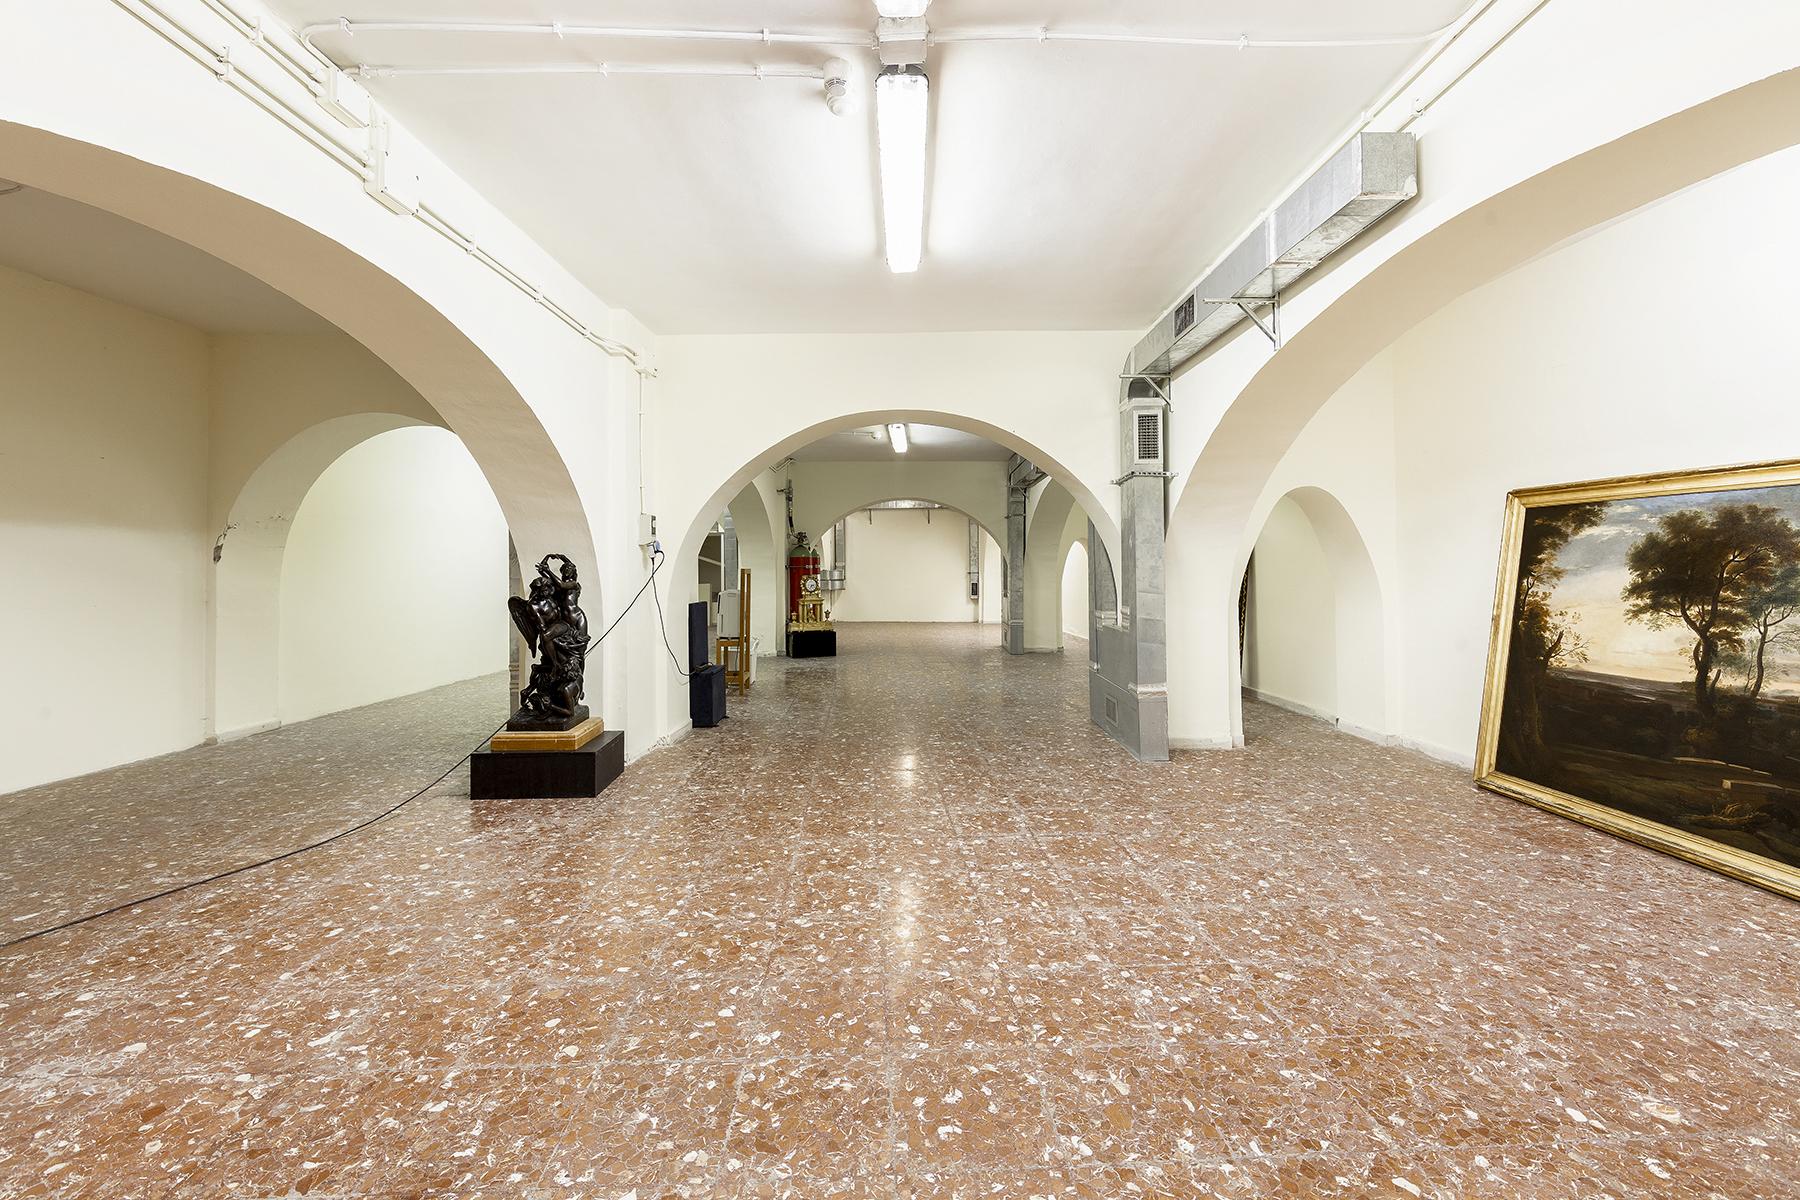 Ufficio-studio in Vendita a Roma: 5 locali, 772 mq - Foto 6